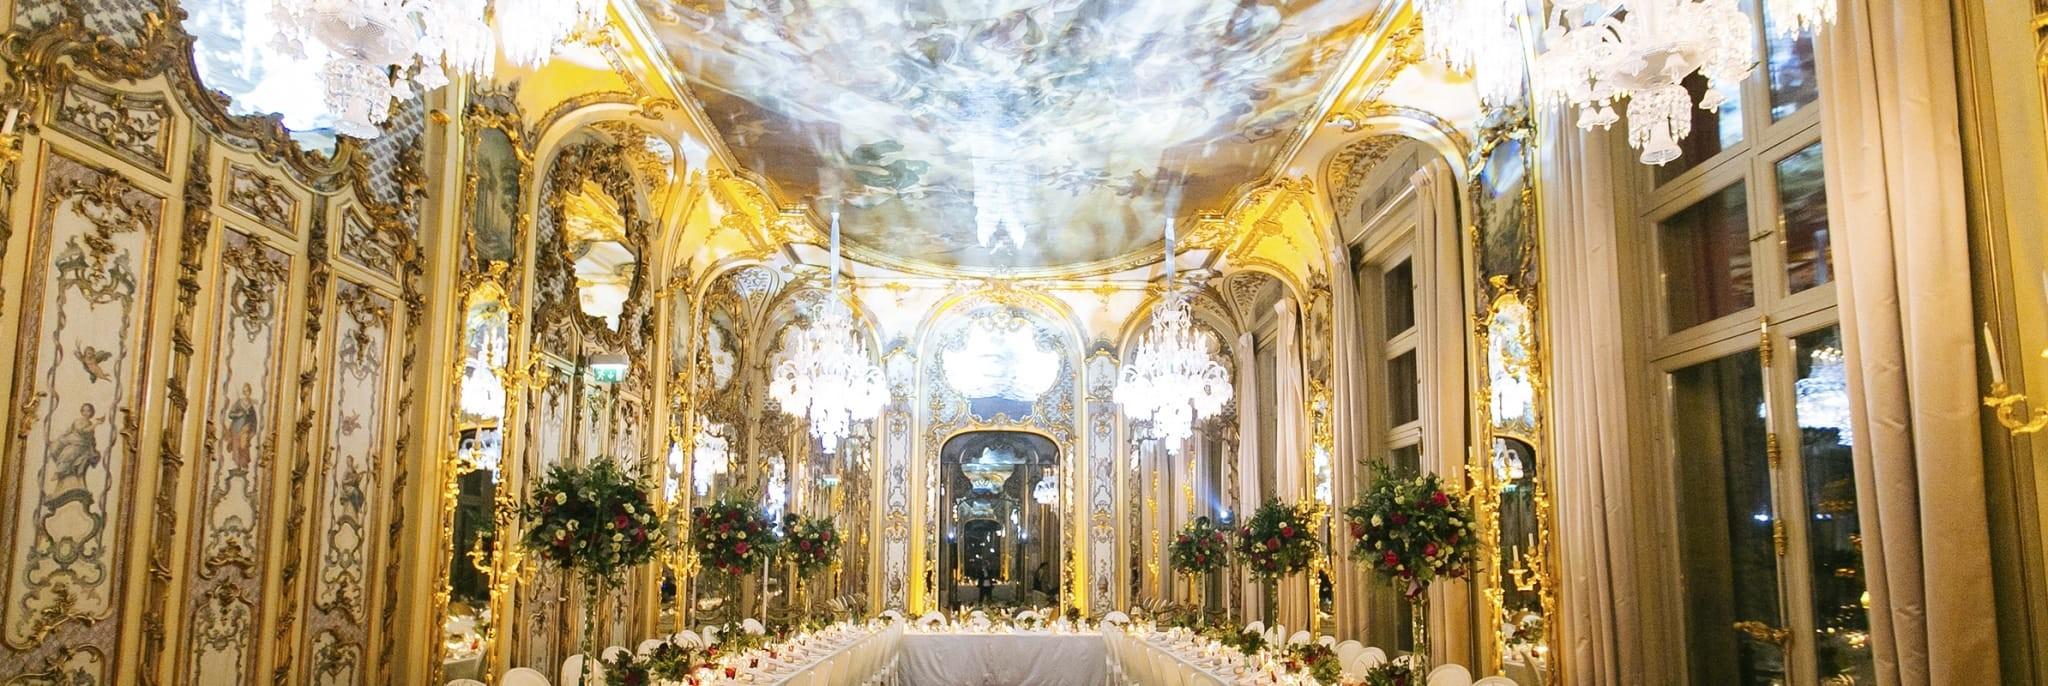 كيف تختارين الموعد الأمثل لحفل زفافك؟